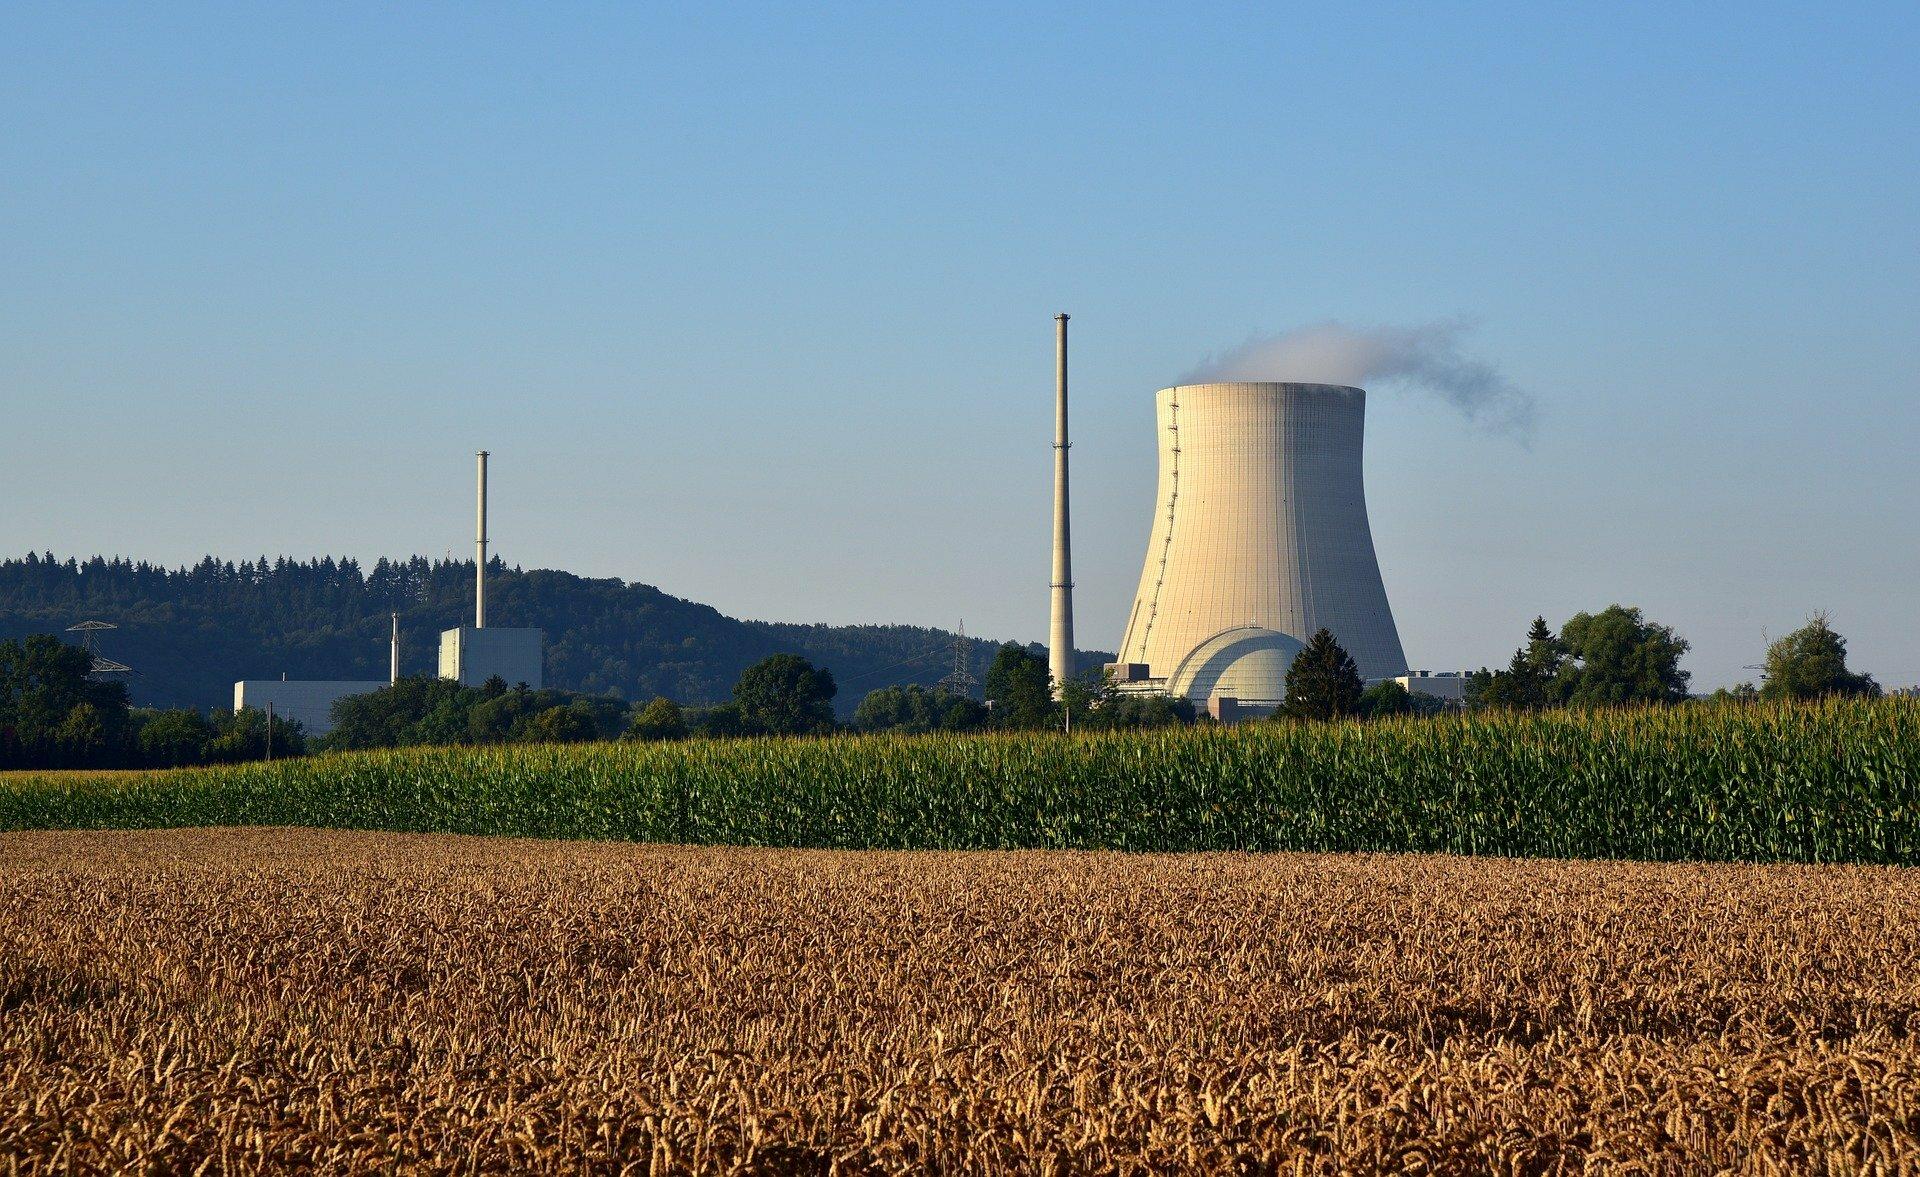 Podpora jaderné energetiky tam, kde není možné využívat obnovitelné zdroje energie